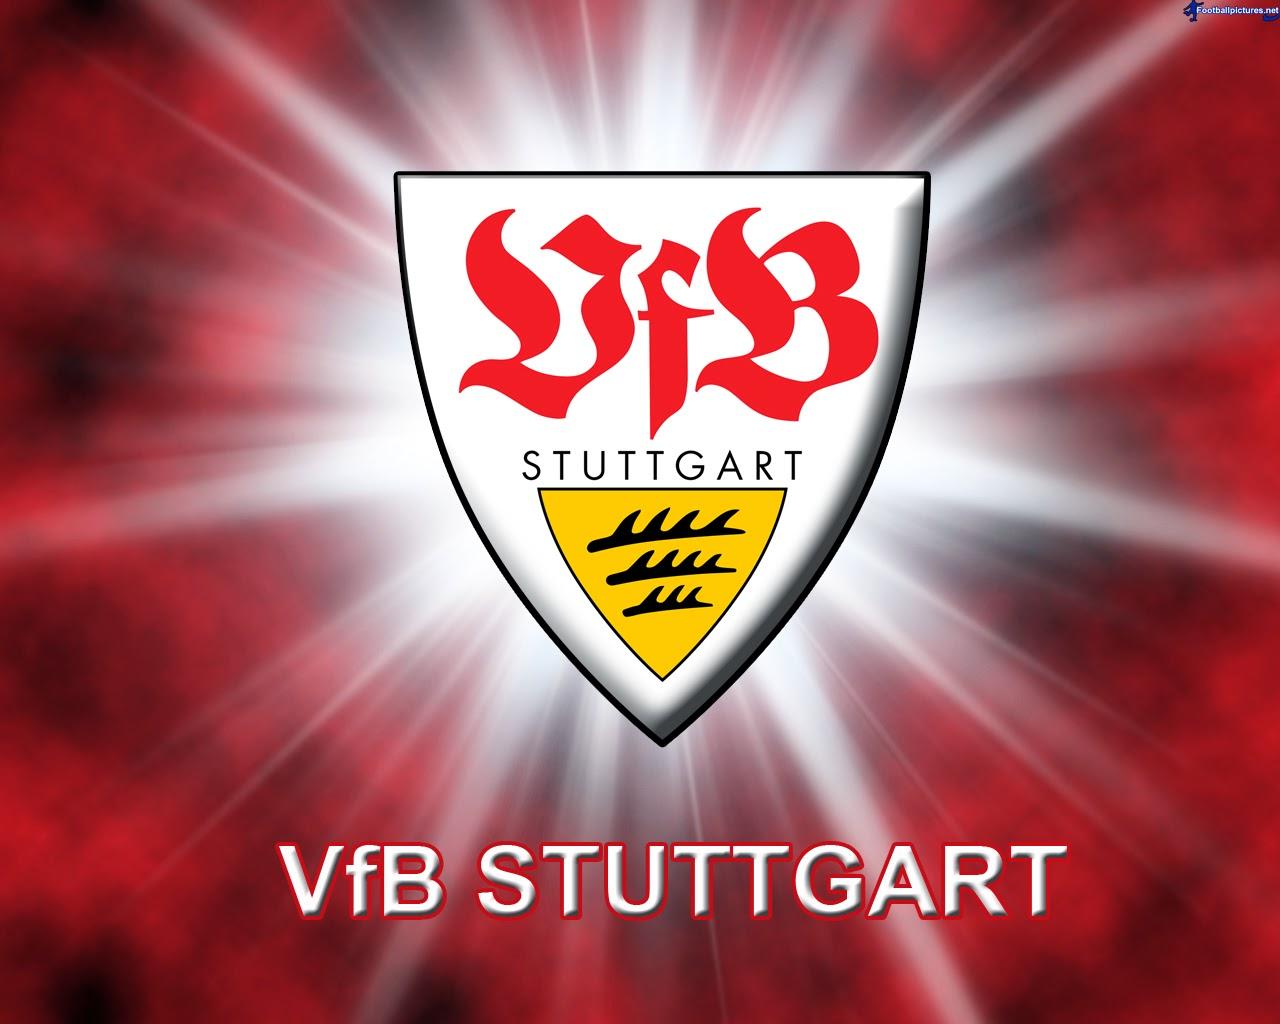 Abgänge Vfb Stuttgart